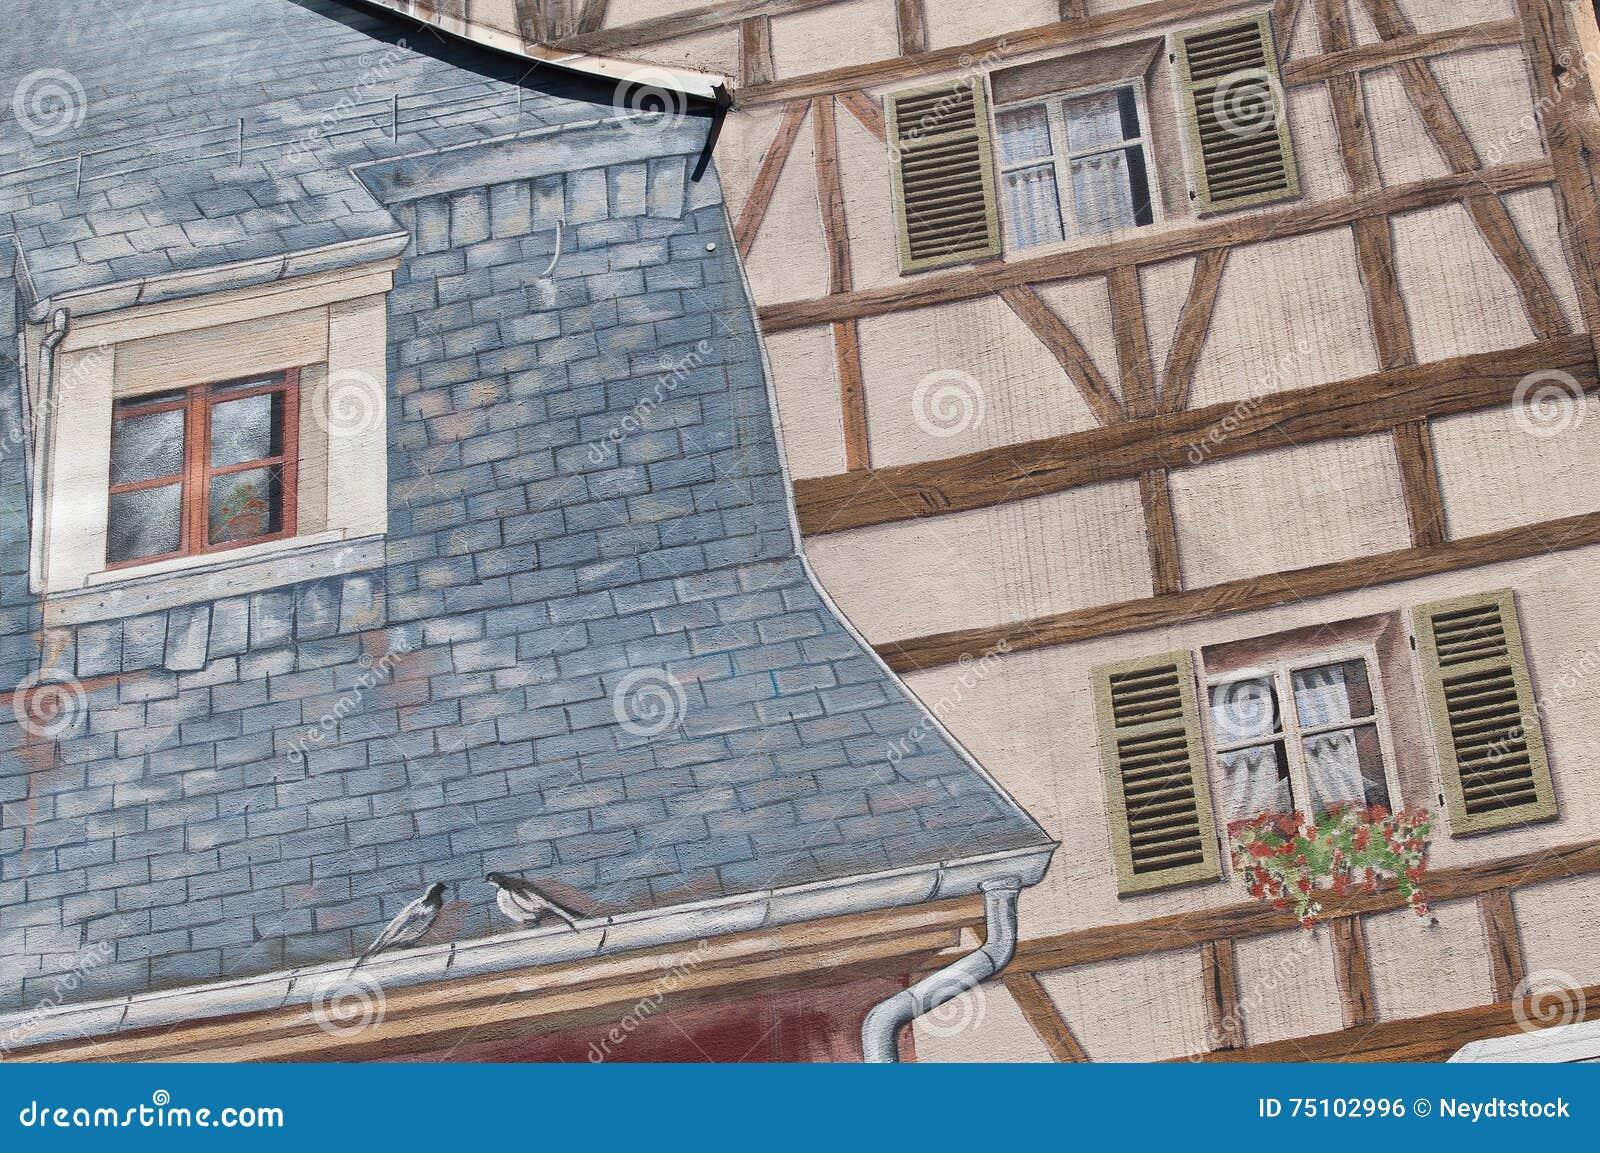 Pittura Pareti Particolare : Architettura con la pittura di illusione ottica sulla parete